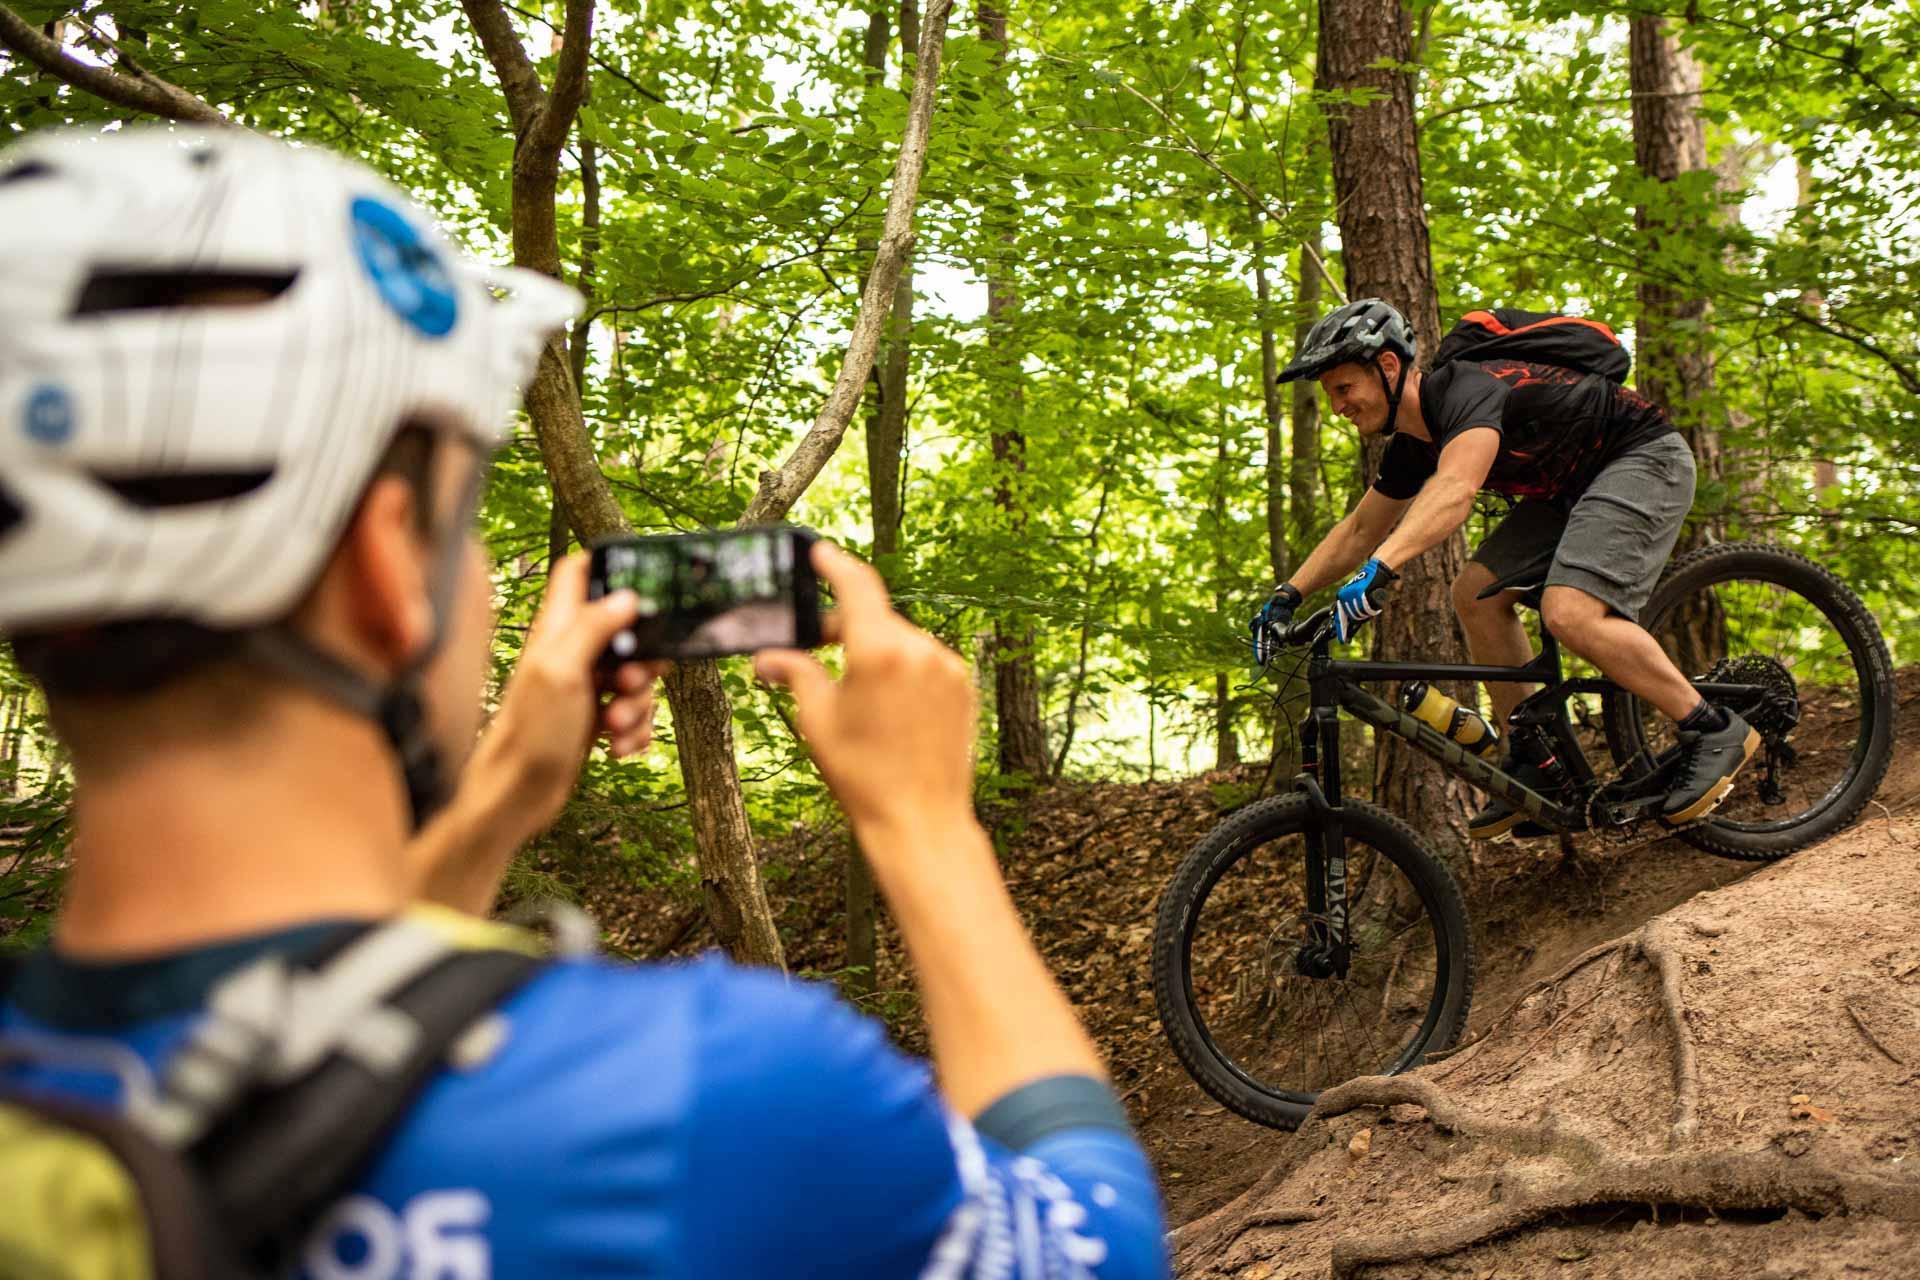 MTB Fahrtechnik Kurs für Einsteiger in Bad Orb   Spessart - Mountainbike Basic - Rock my Trail Bikeschule - 8